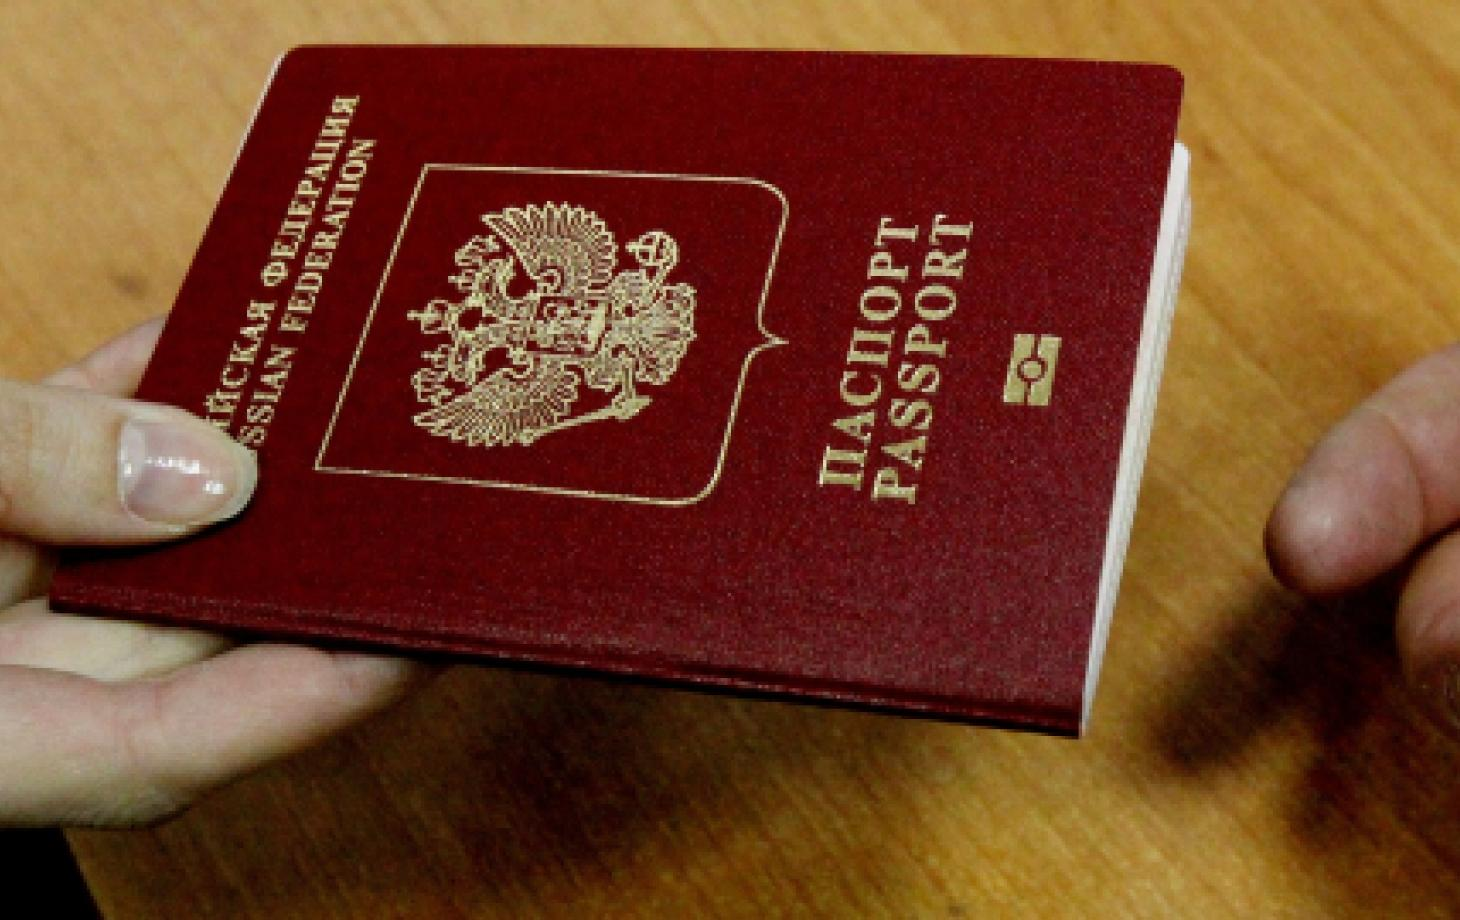 Пошаговая инструкция как гражданину Молдовы быстро получить гражданство России, избежав бюрократии, СП - Новости Бельцы Молдова